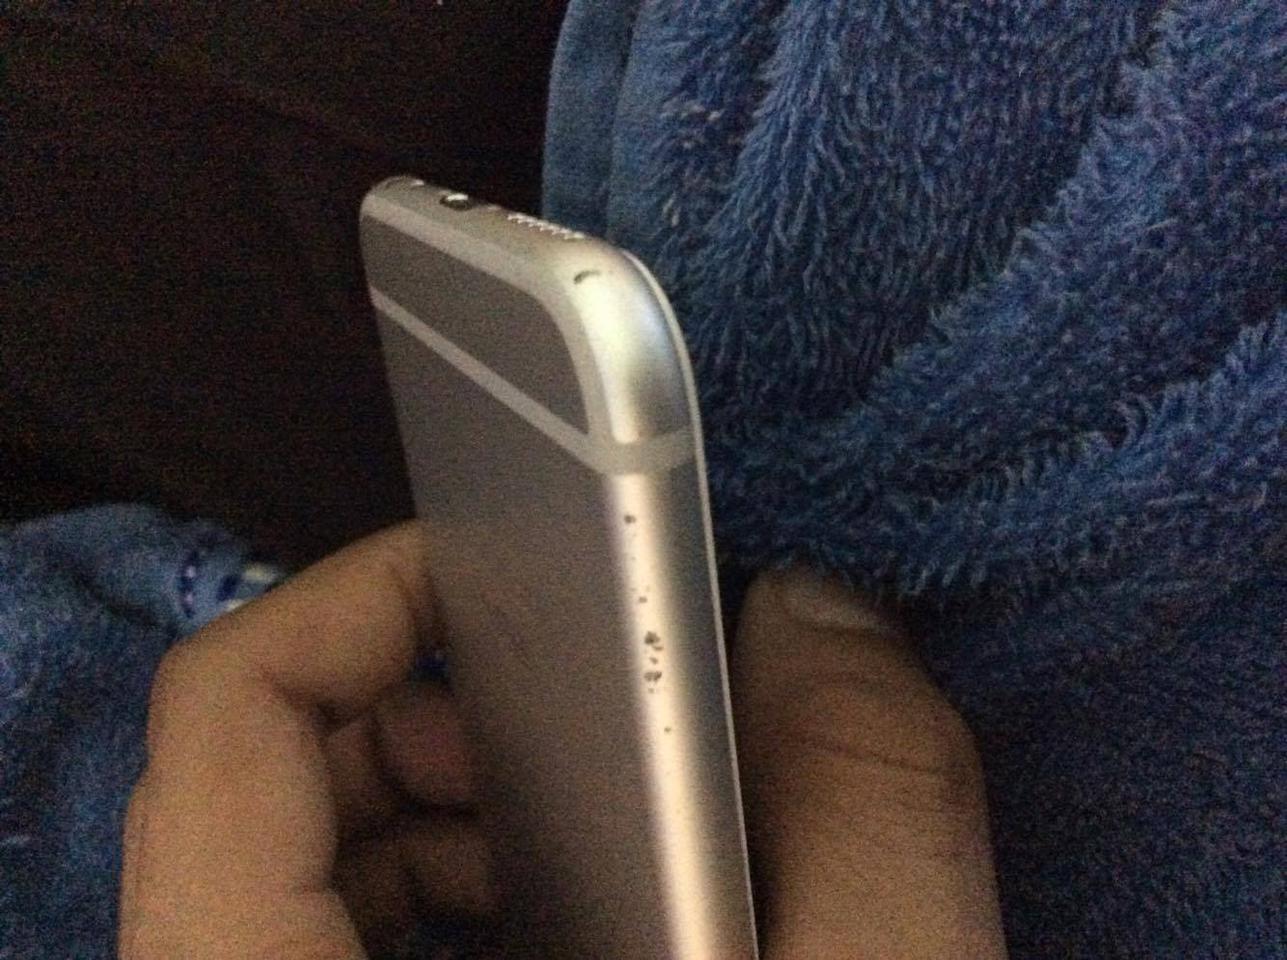 iphone6ไอโฟน6 สีขาวสวยๆ รูปที่ 4